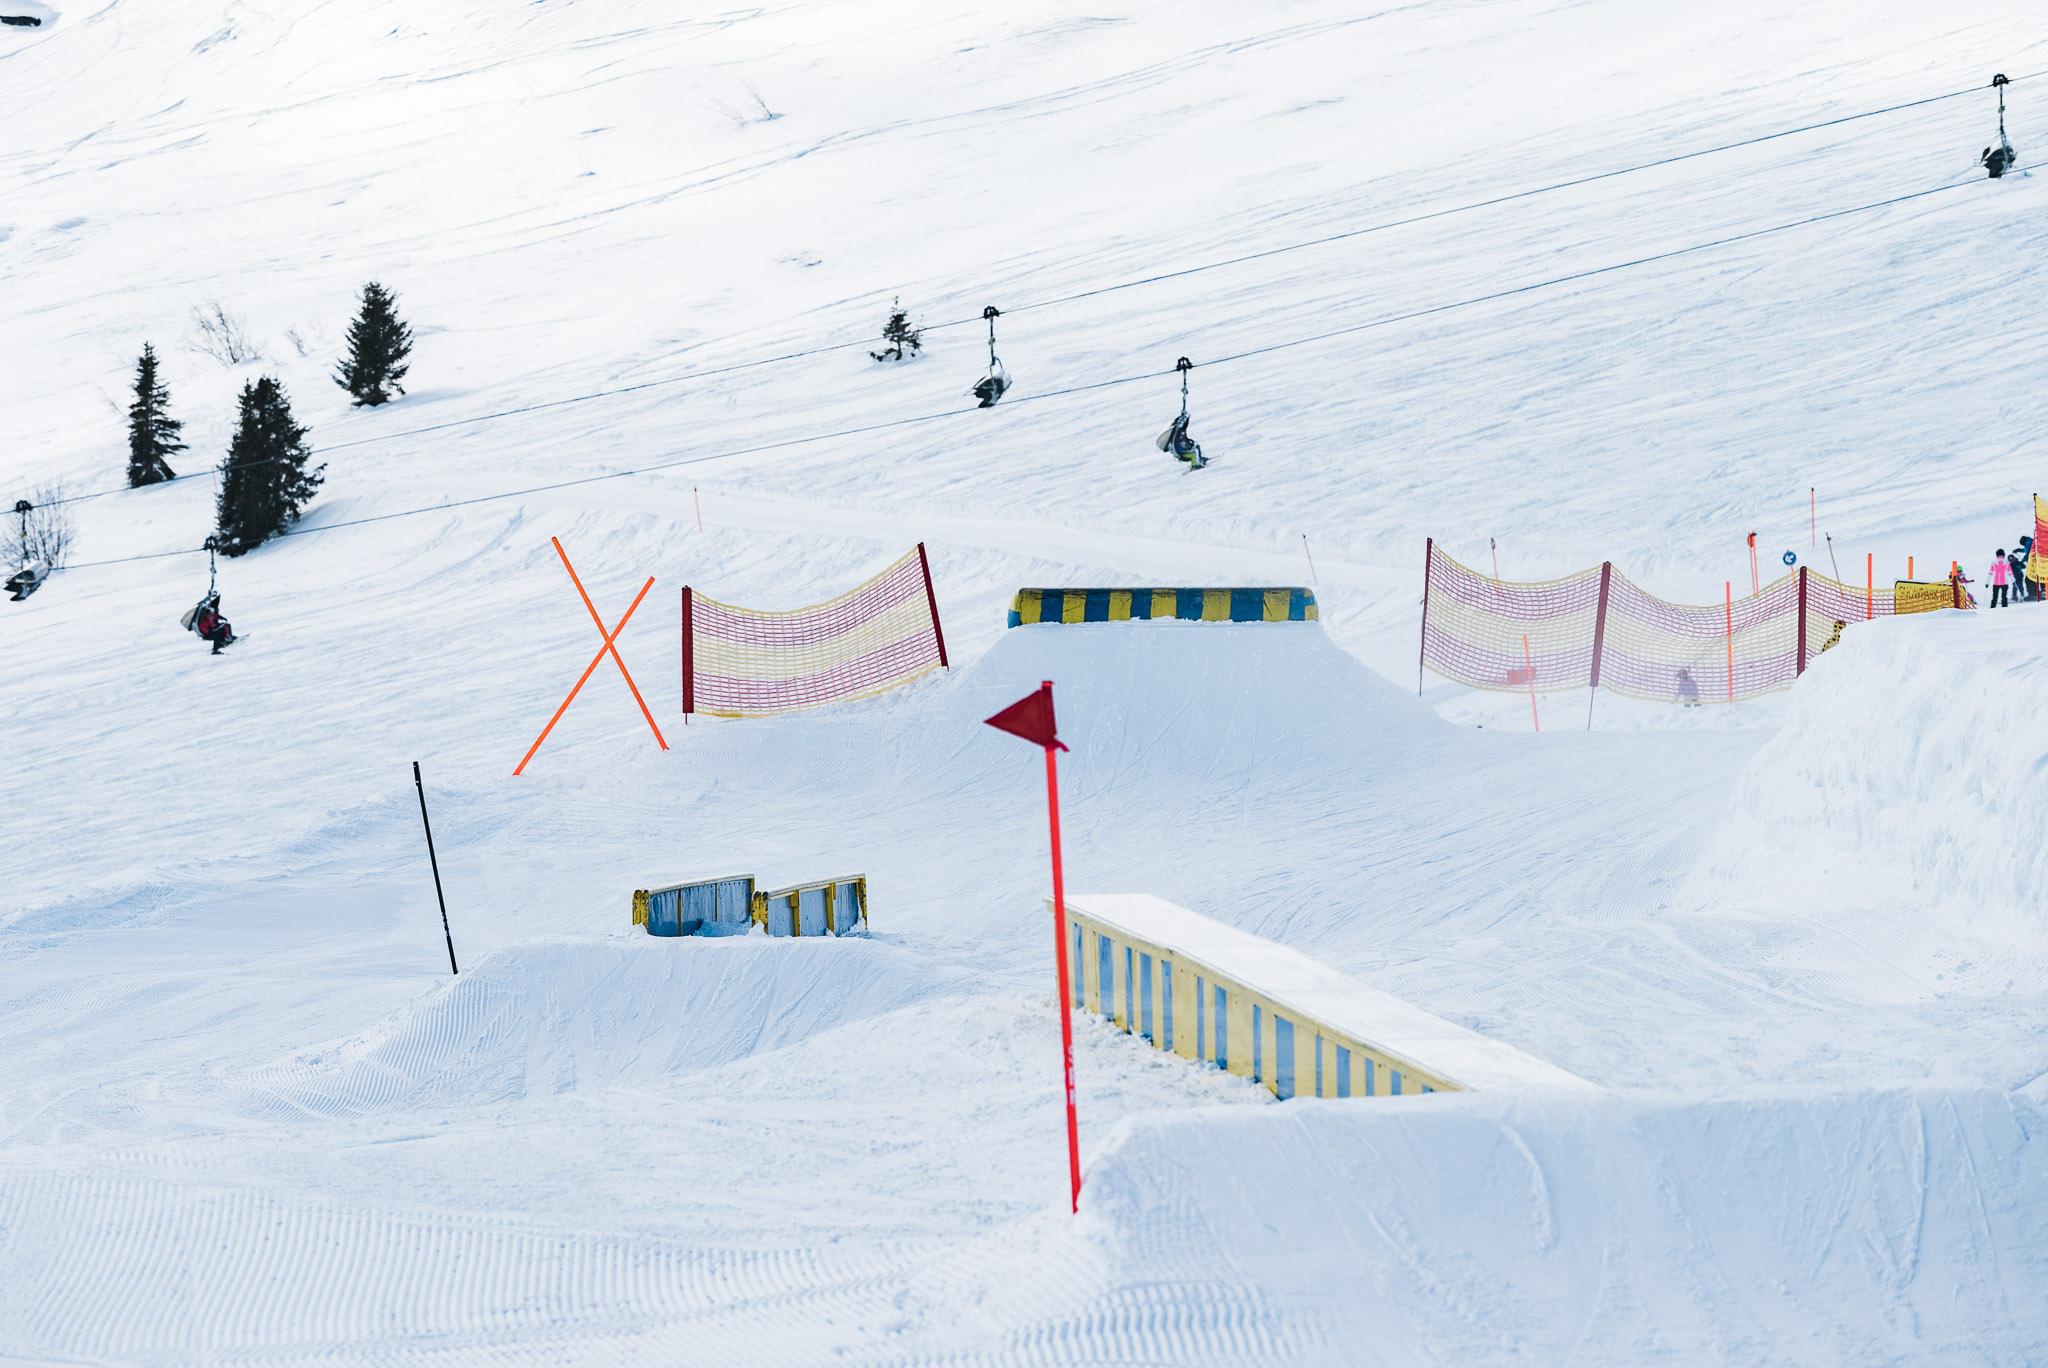 Im Vordergrund sind zwei der drei Features zu sehen, die kurz vor dem Dropin zur Kickerline aufgebaut wurde. Im Hintergrund sieht man die Jerry Trap.